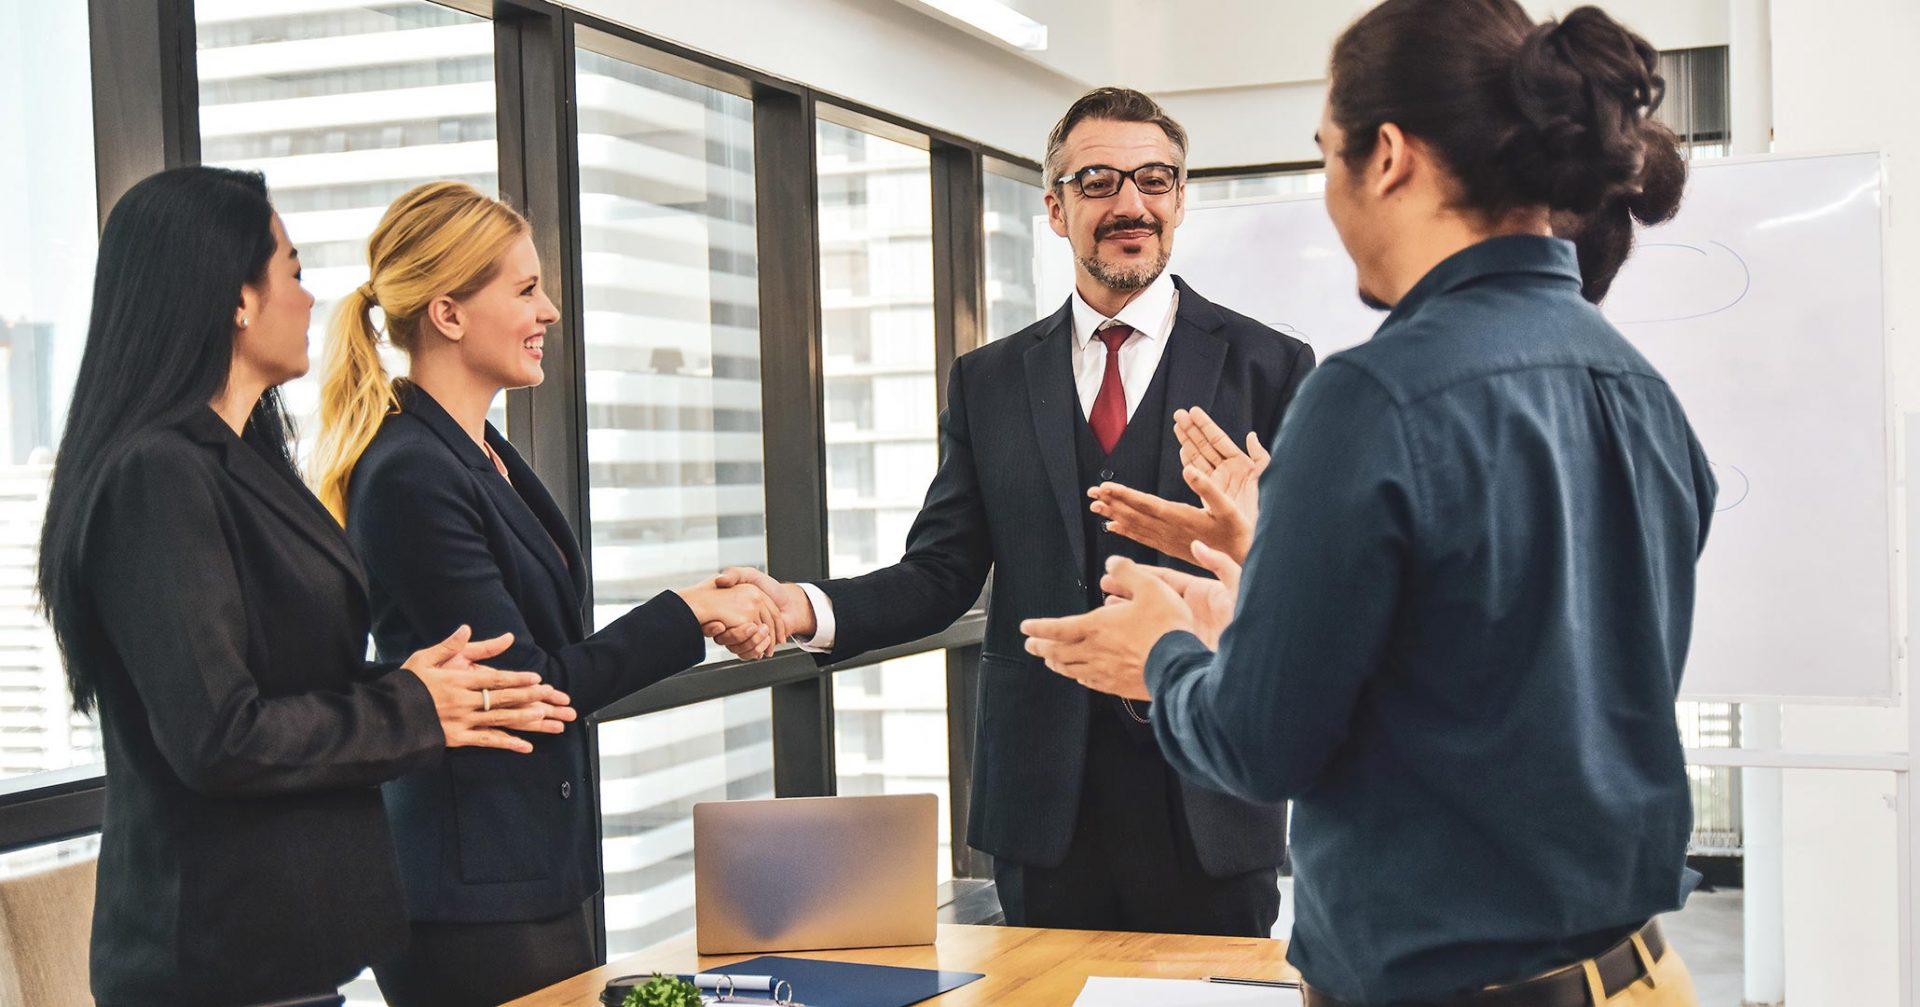 Vendarketing para concessionárias: como alinhar as equipes de venda e marketing para vender mais?